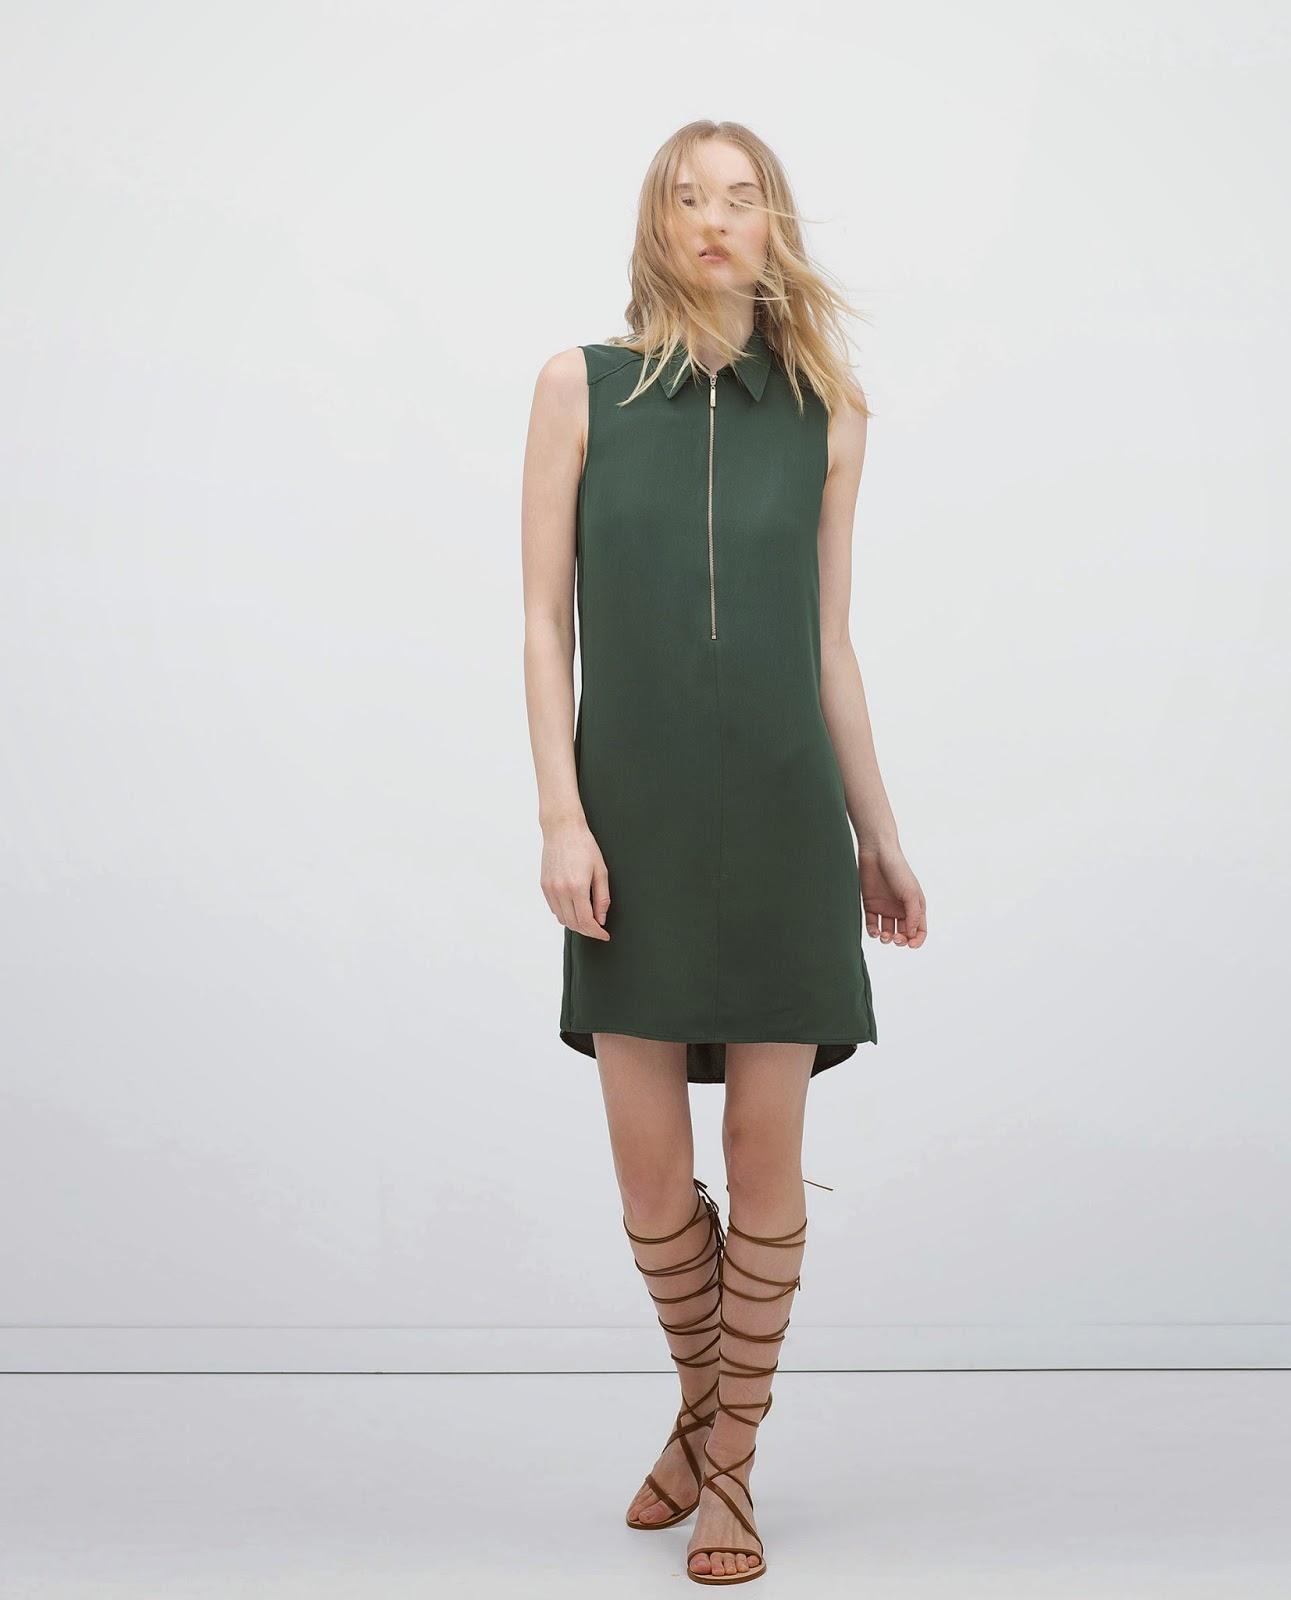 zara green collar dress, zara zip dress,